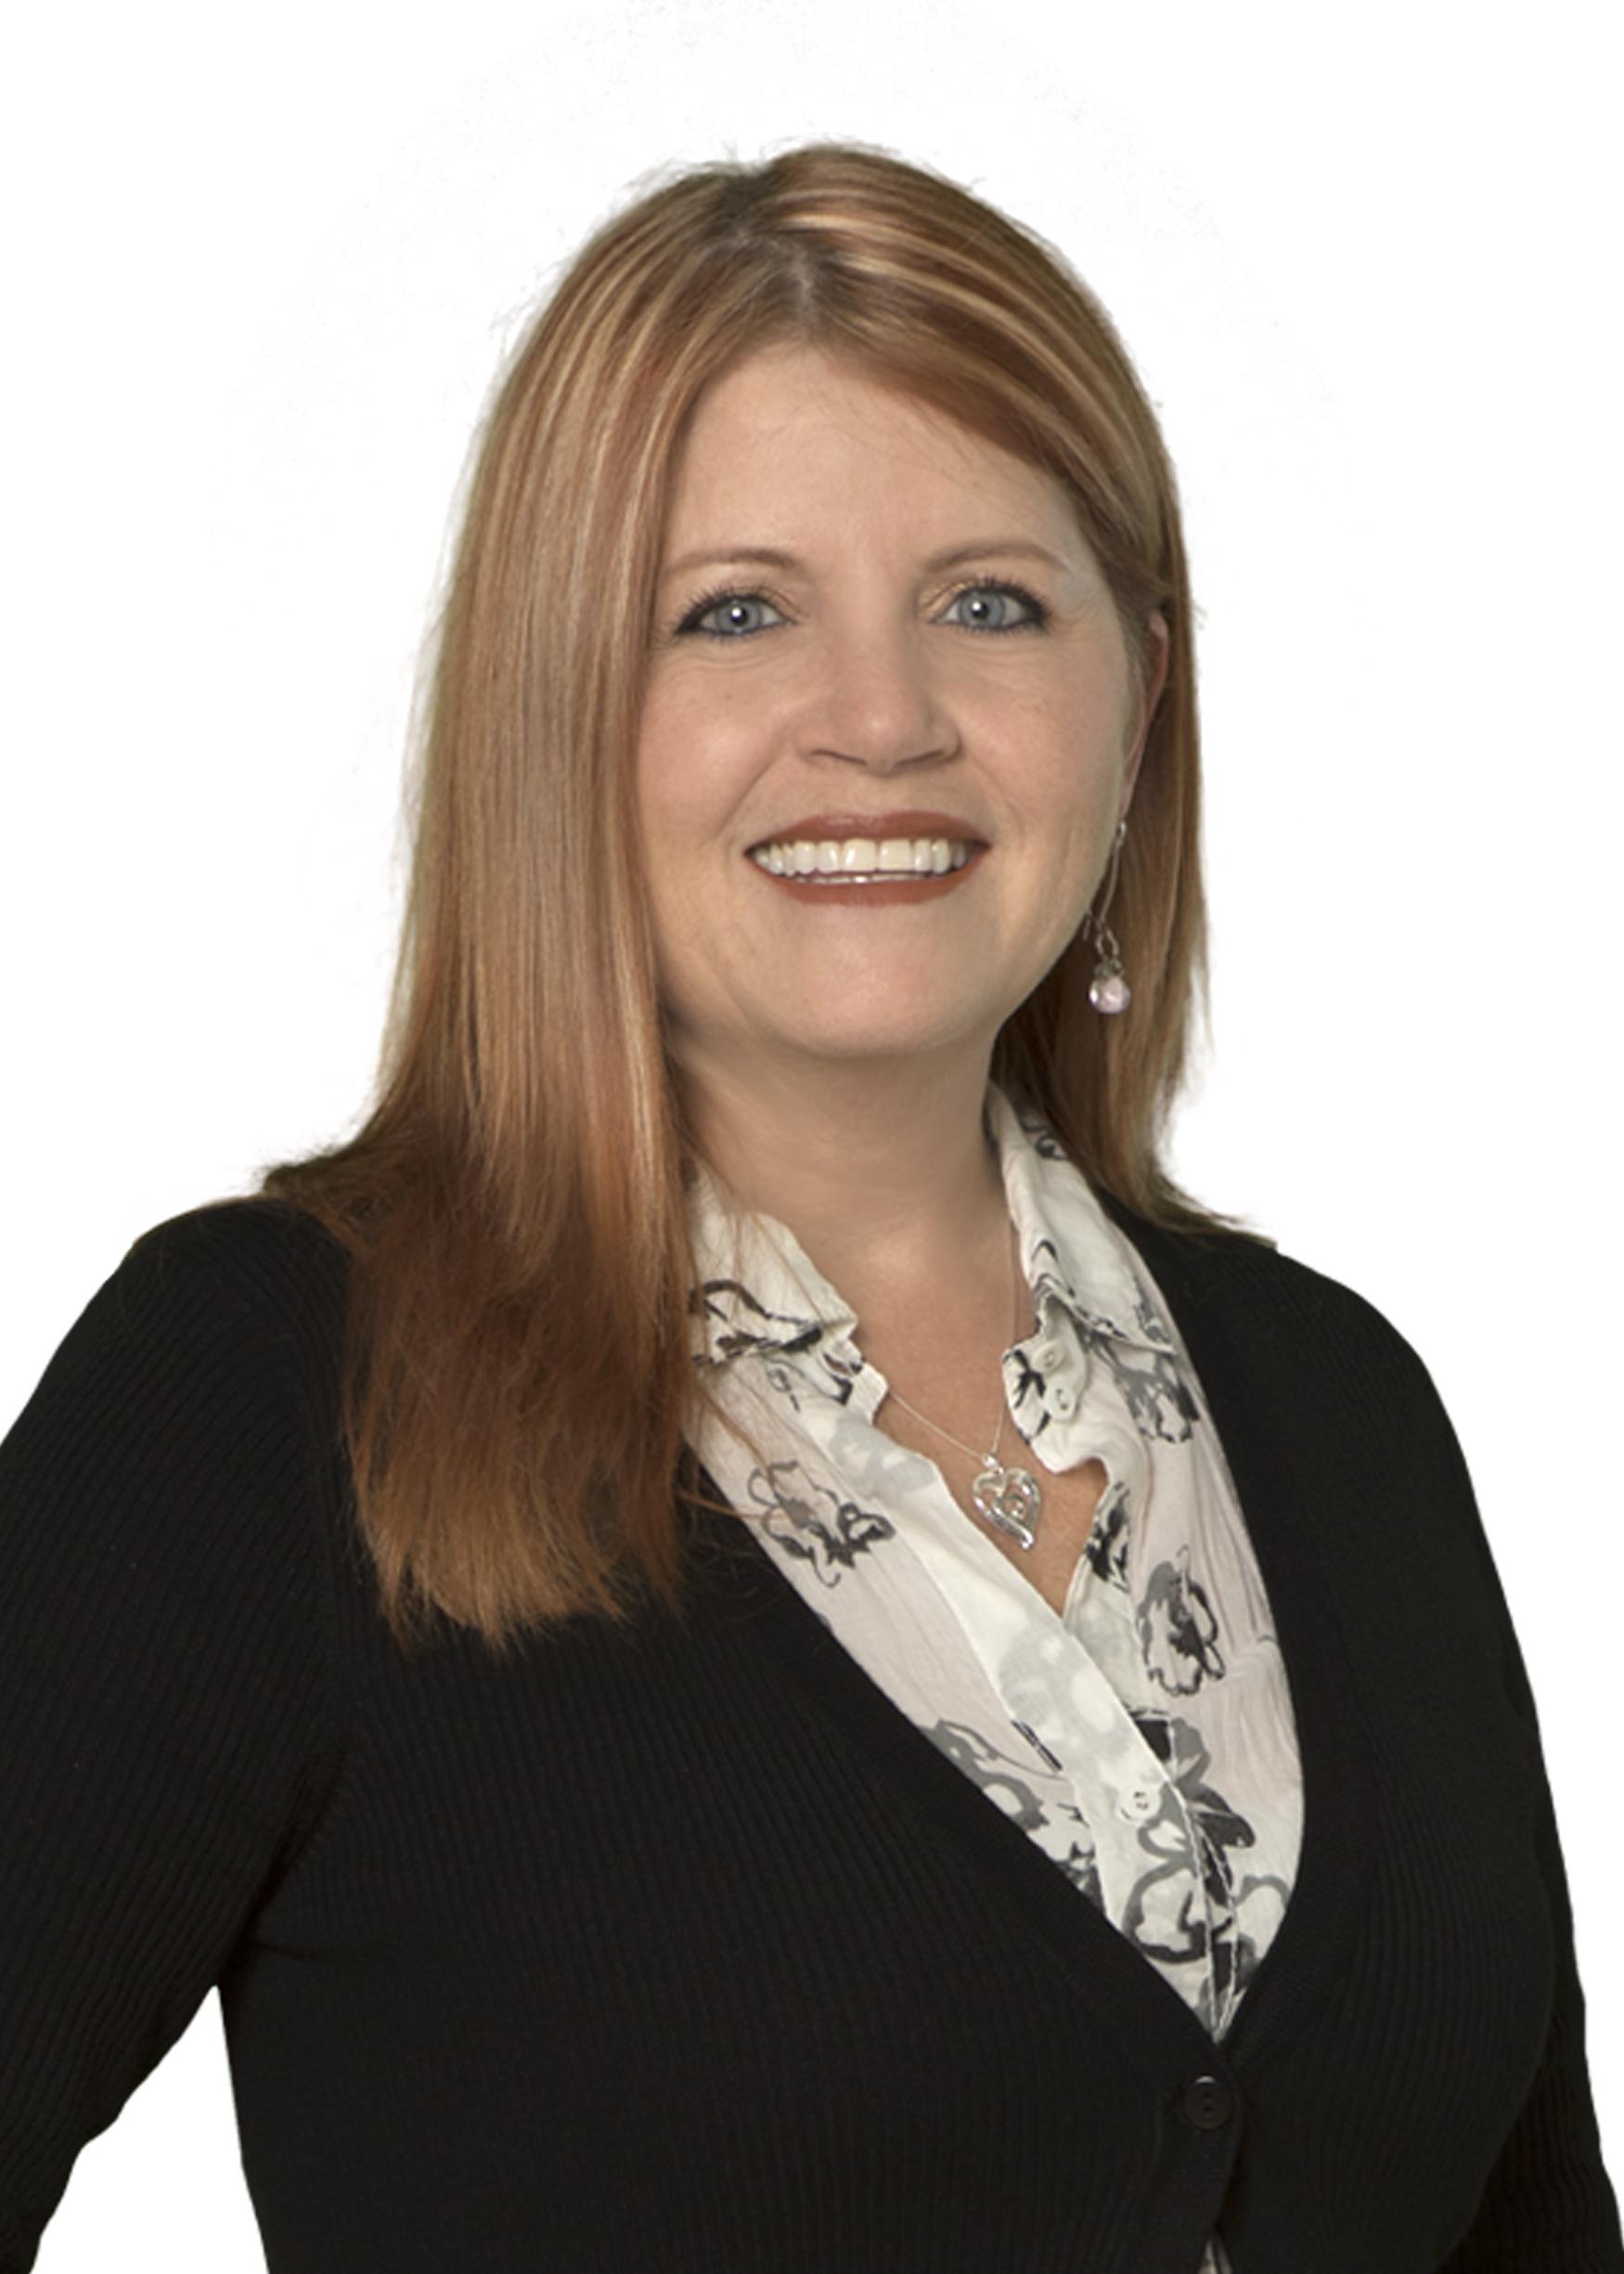 Kelly Penland